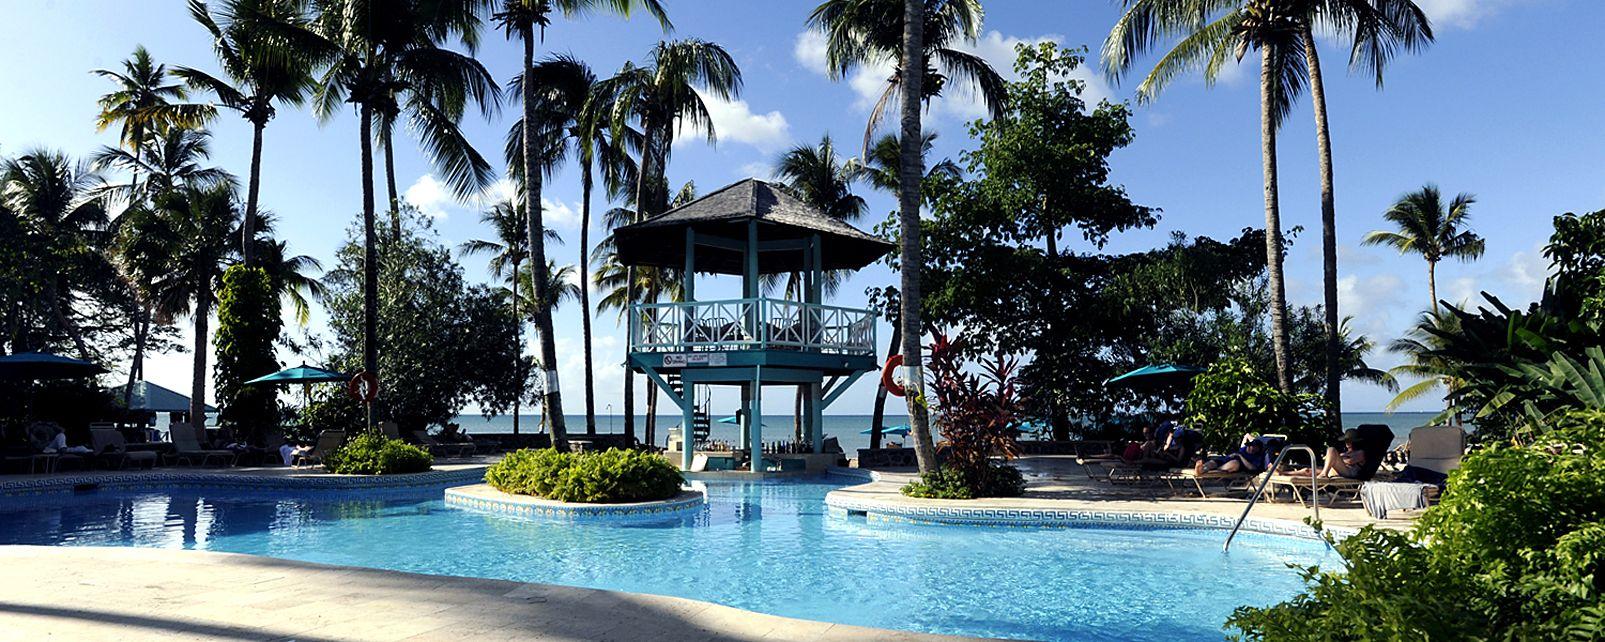 Hôtel Rendezvous Resort